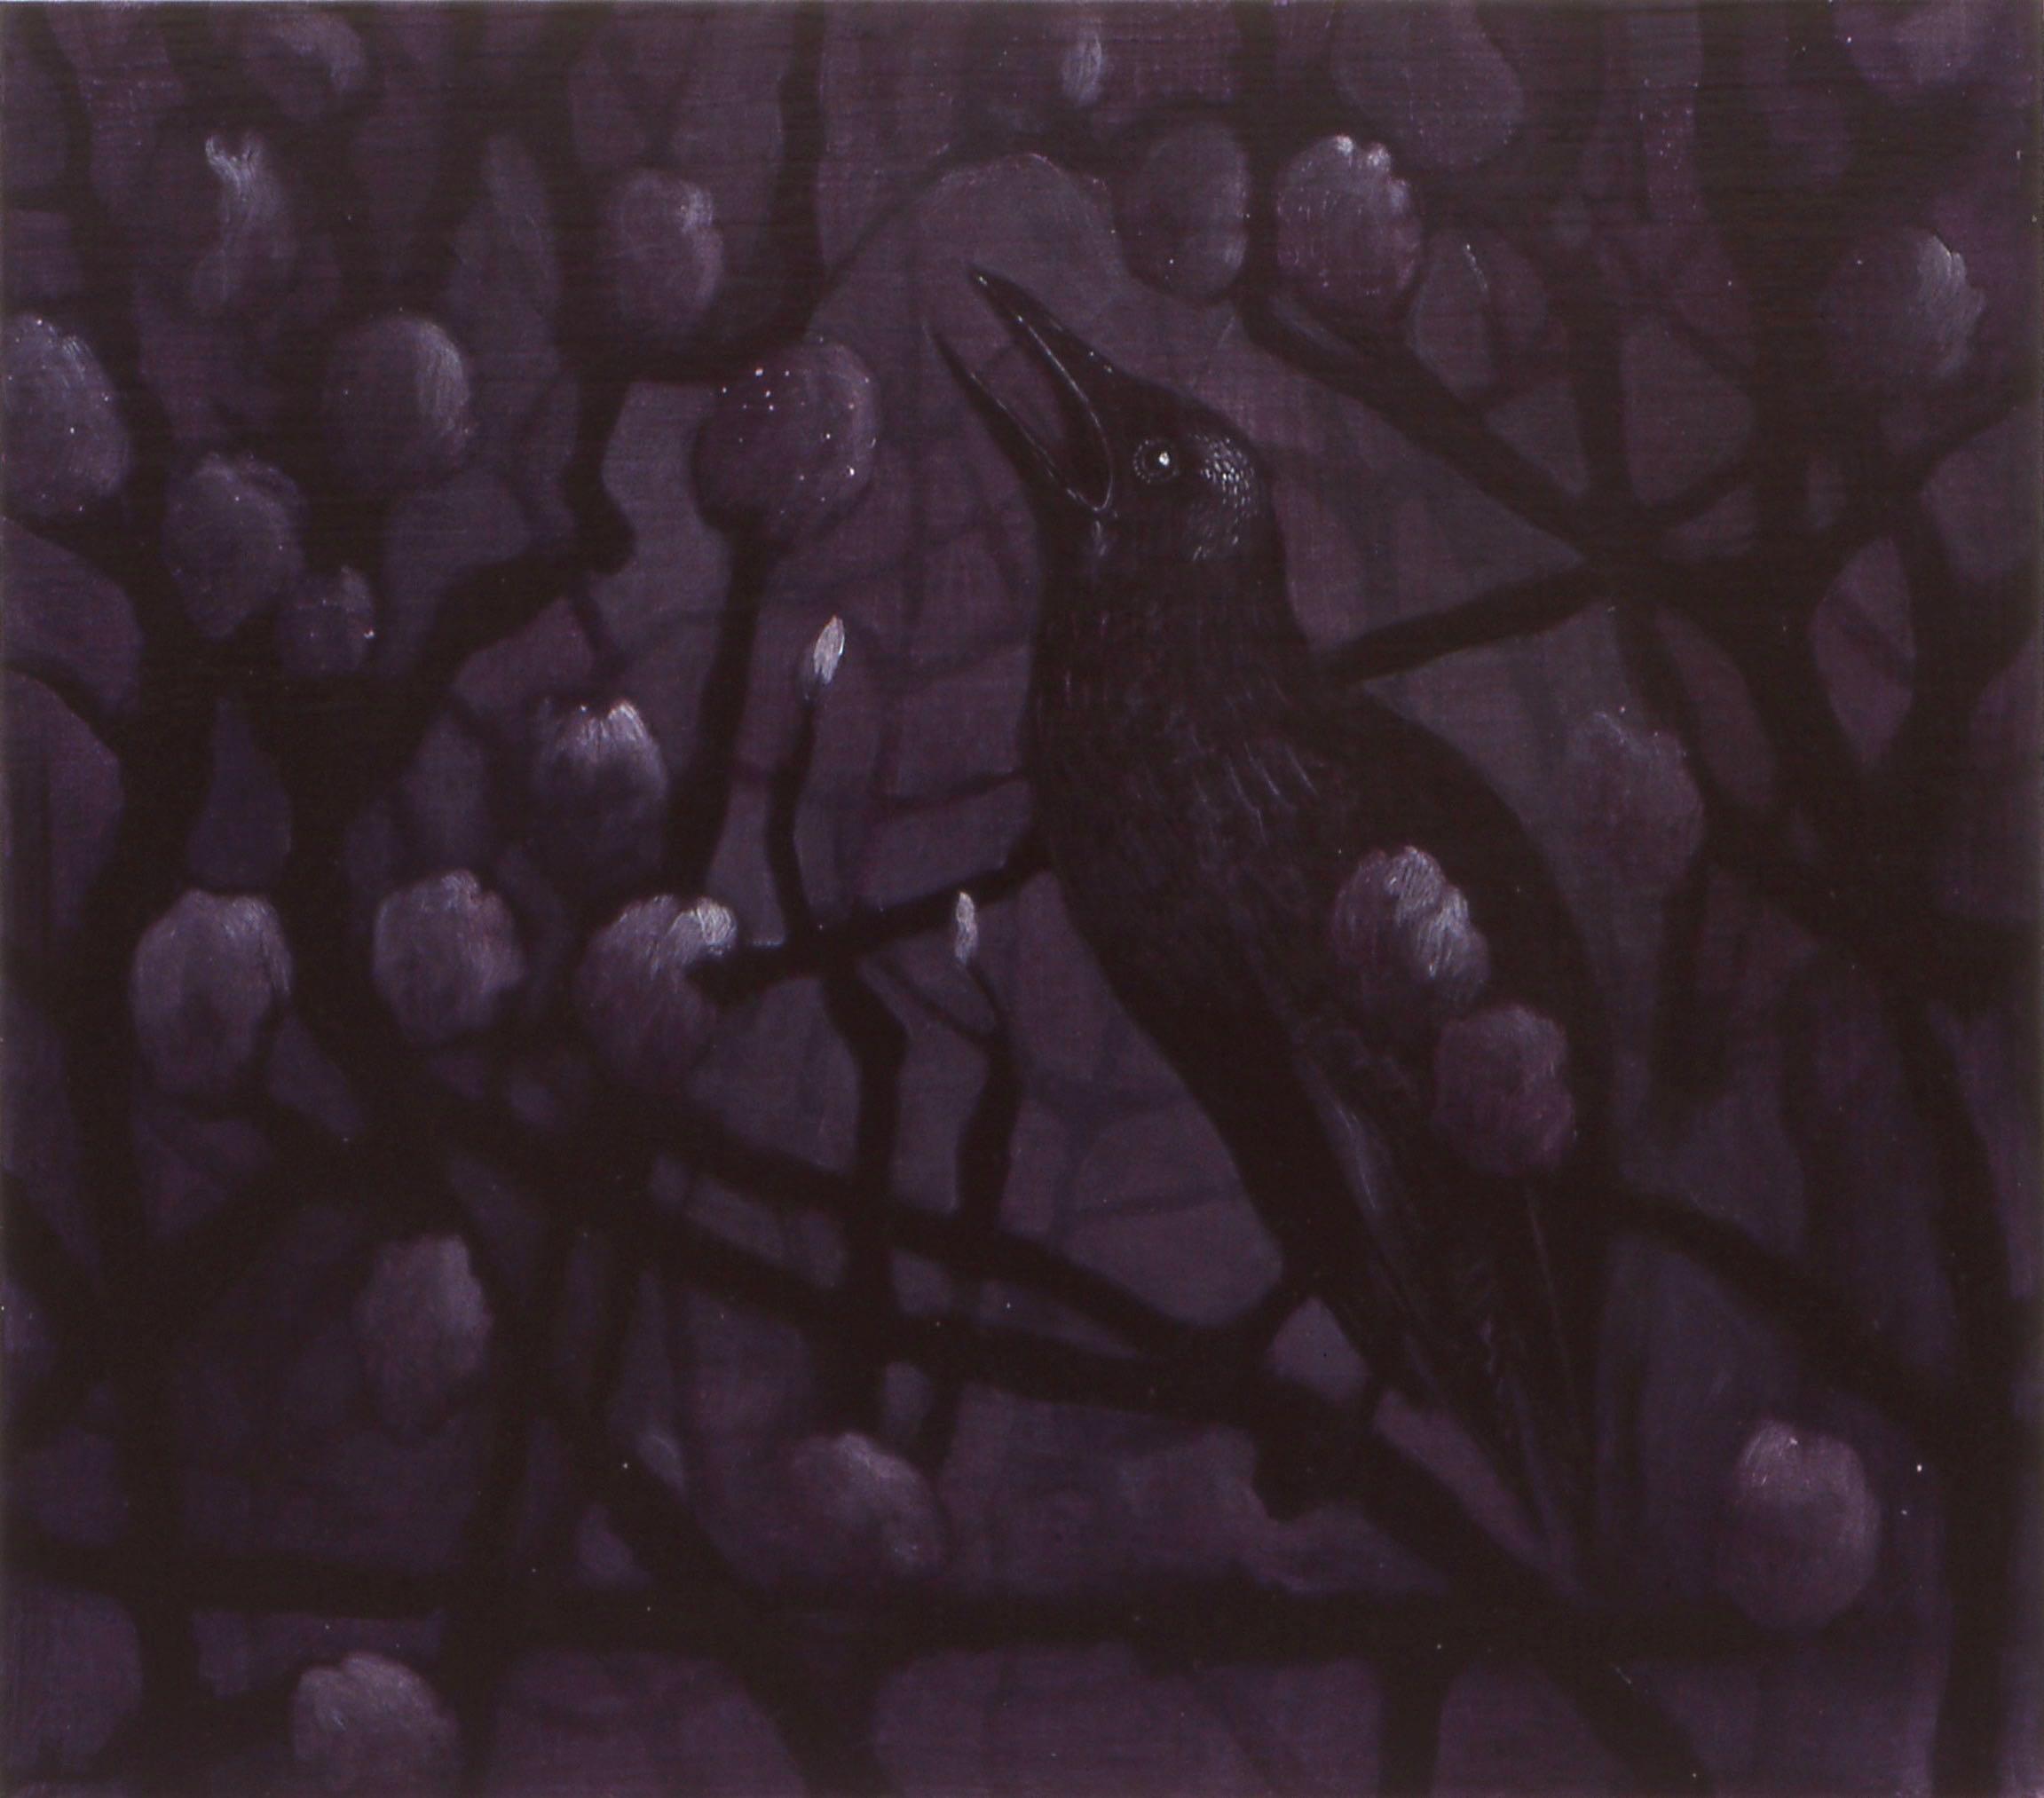 fra serien  Om natten   27x31 cm olje/akryl på plate 2000